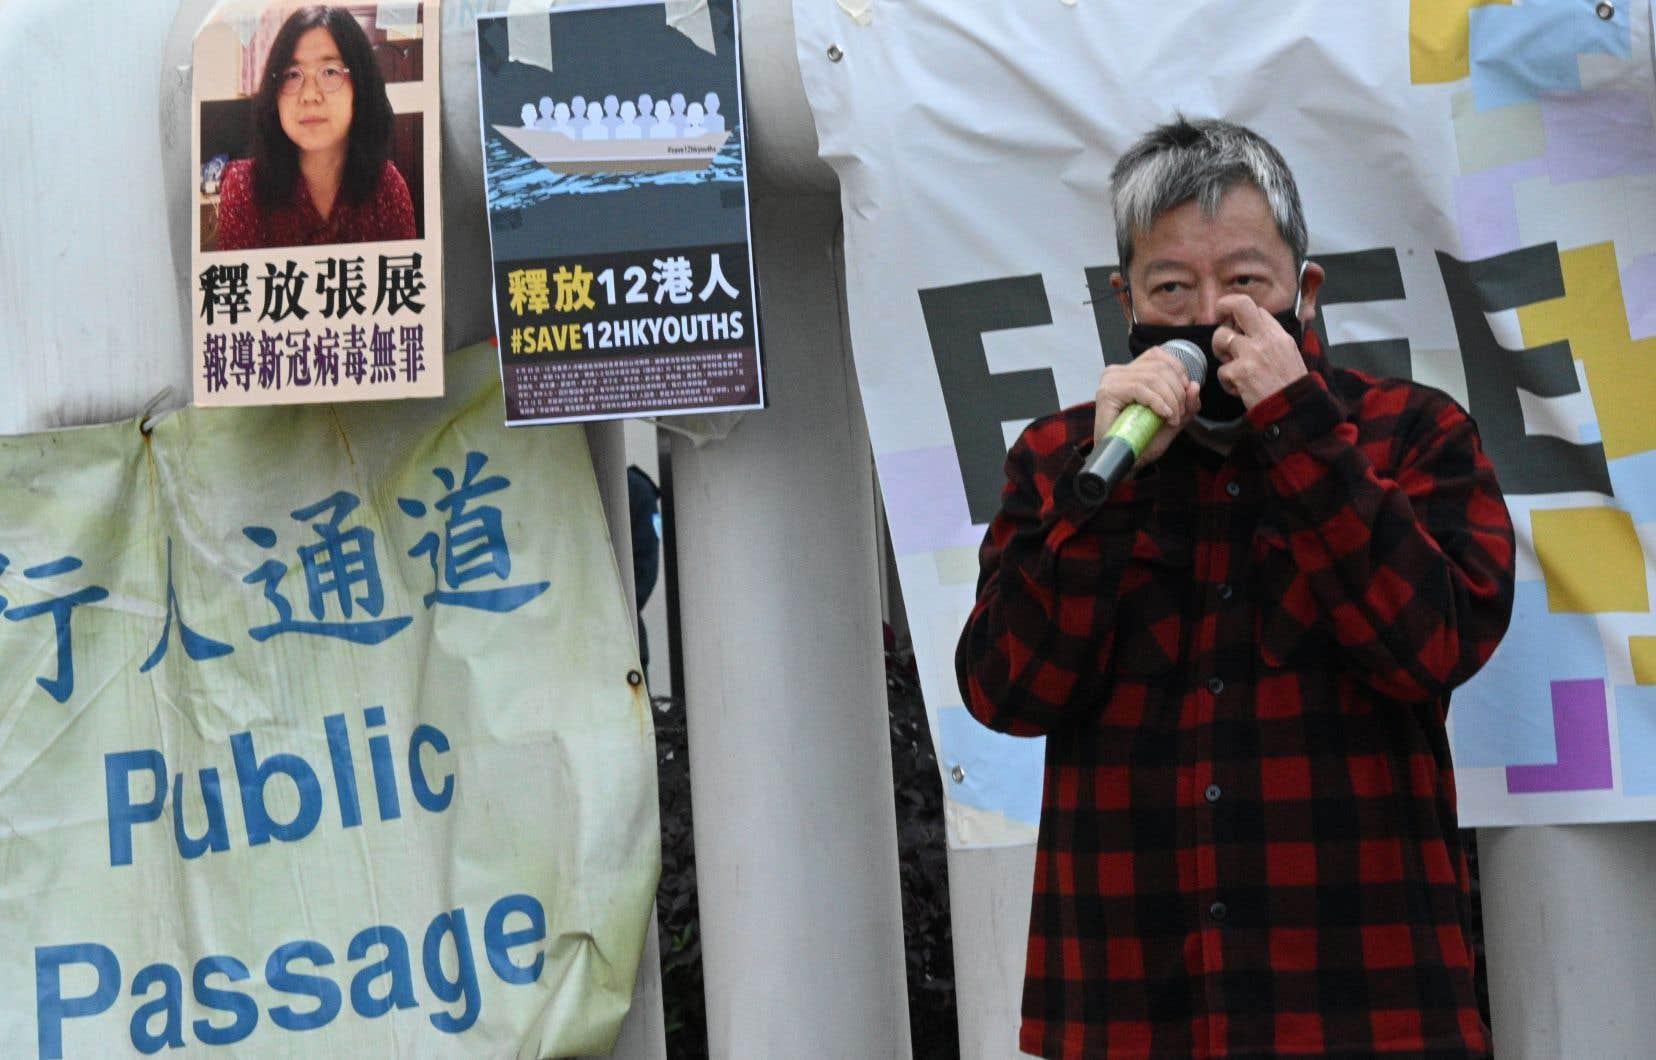 La sanction imposée à la Chinoise Zhang Zhan (en haut à gauche), journaliste citoyenne de 37ans, n'est pas étonnante dans un pays où le taux de condamnation atteint les 99,93%. L'issue ne faisait aucun doute, d'autant plus que le sujet touche à la gestion de l'épidémie de COVID par les autorités. Sur la photo, un activiste prodémocratie lors d'une manifestation, à Honk Kong, lundi, pour réclamer la libération de la journaliste.